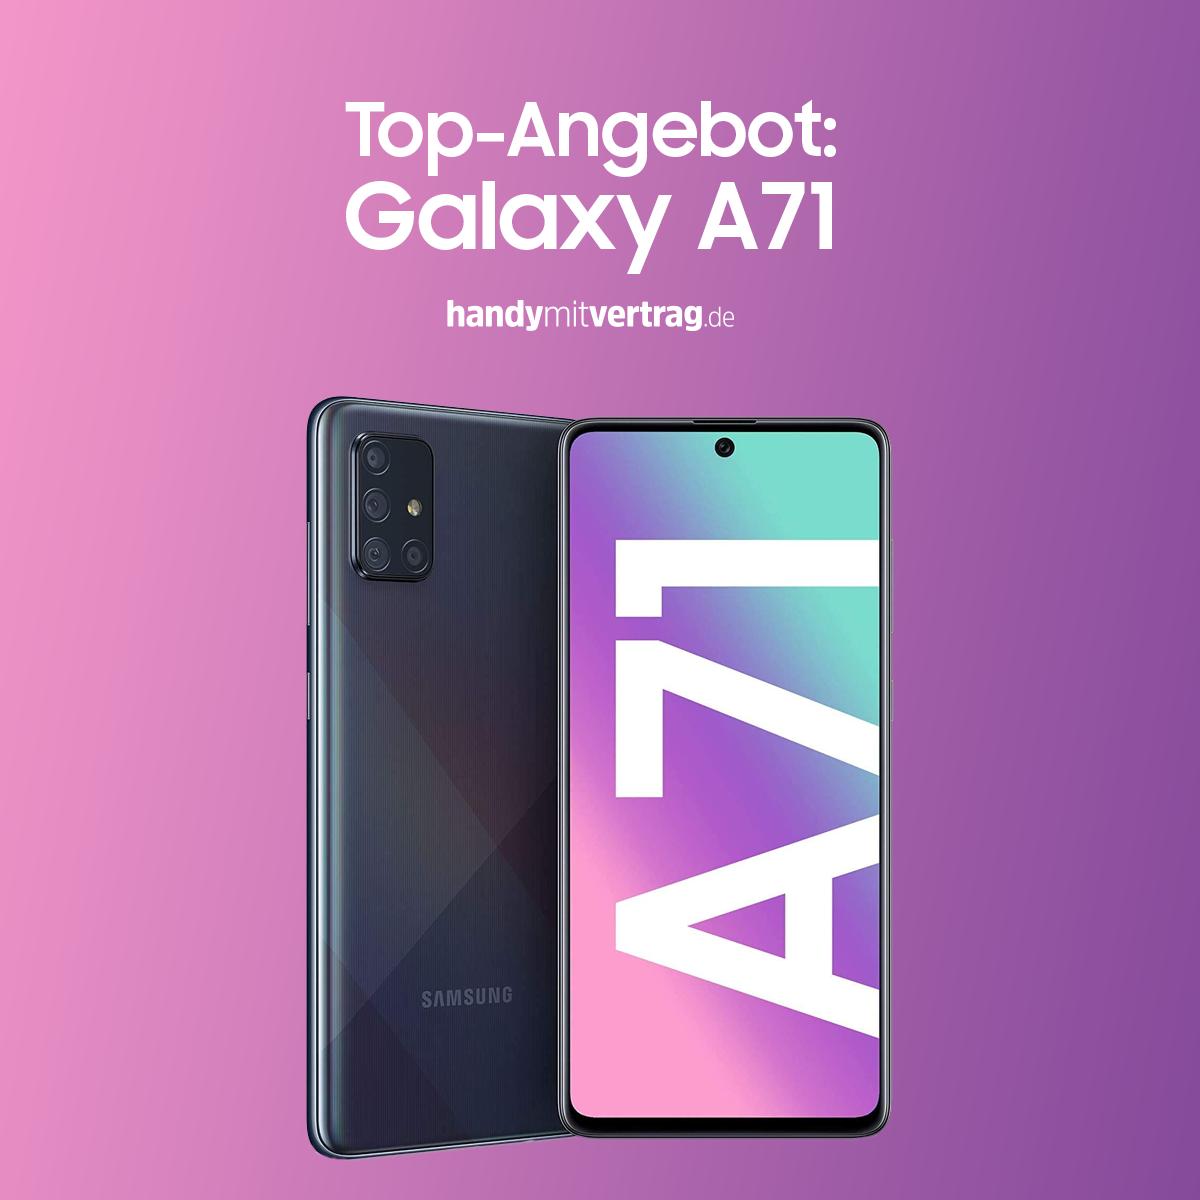 Aktuell Gibt Es Das Beliebte Samsung Galaxy A71 Mit Vertrag Zu Einem Gunstigen Preis Und Das Beste Die Galaxy Buds Gib In 2020 Samsung Handy Handyvertrag Handy Check